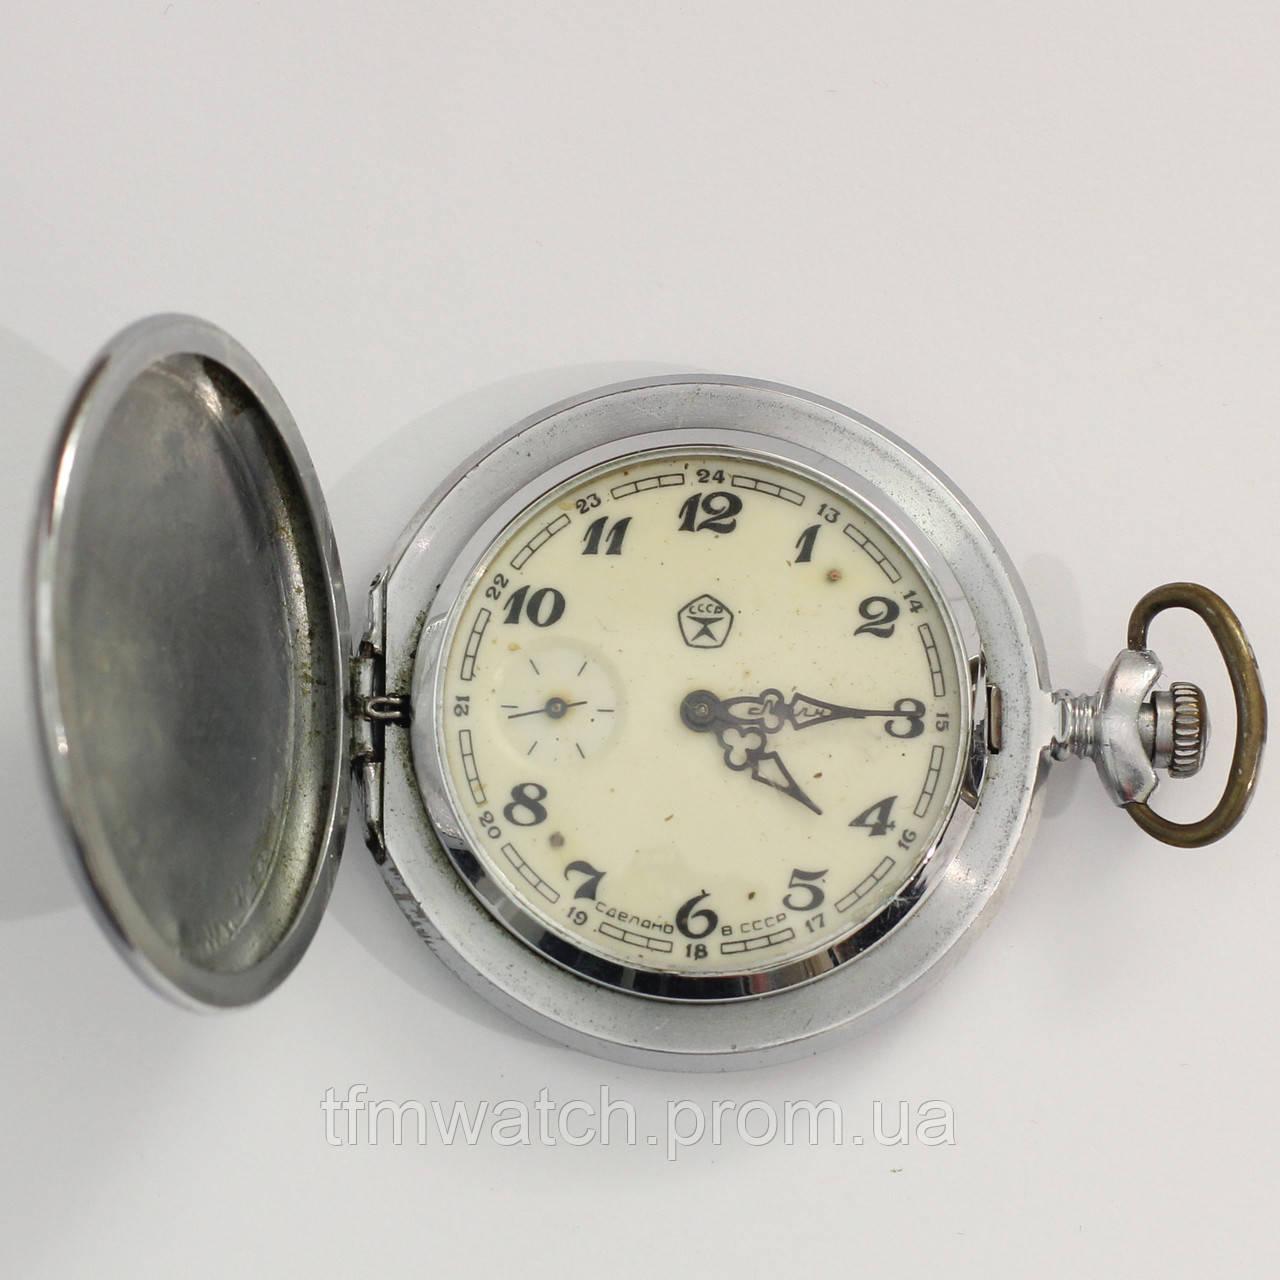 Молния часы на цепочке. Часы охотника